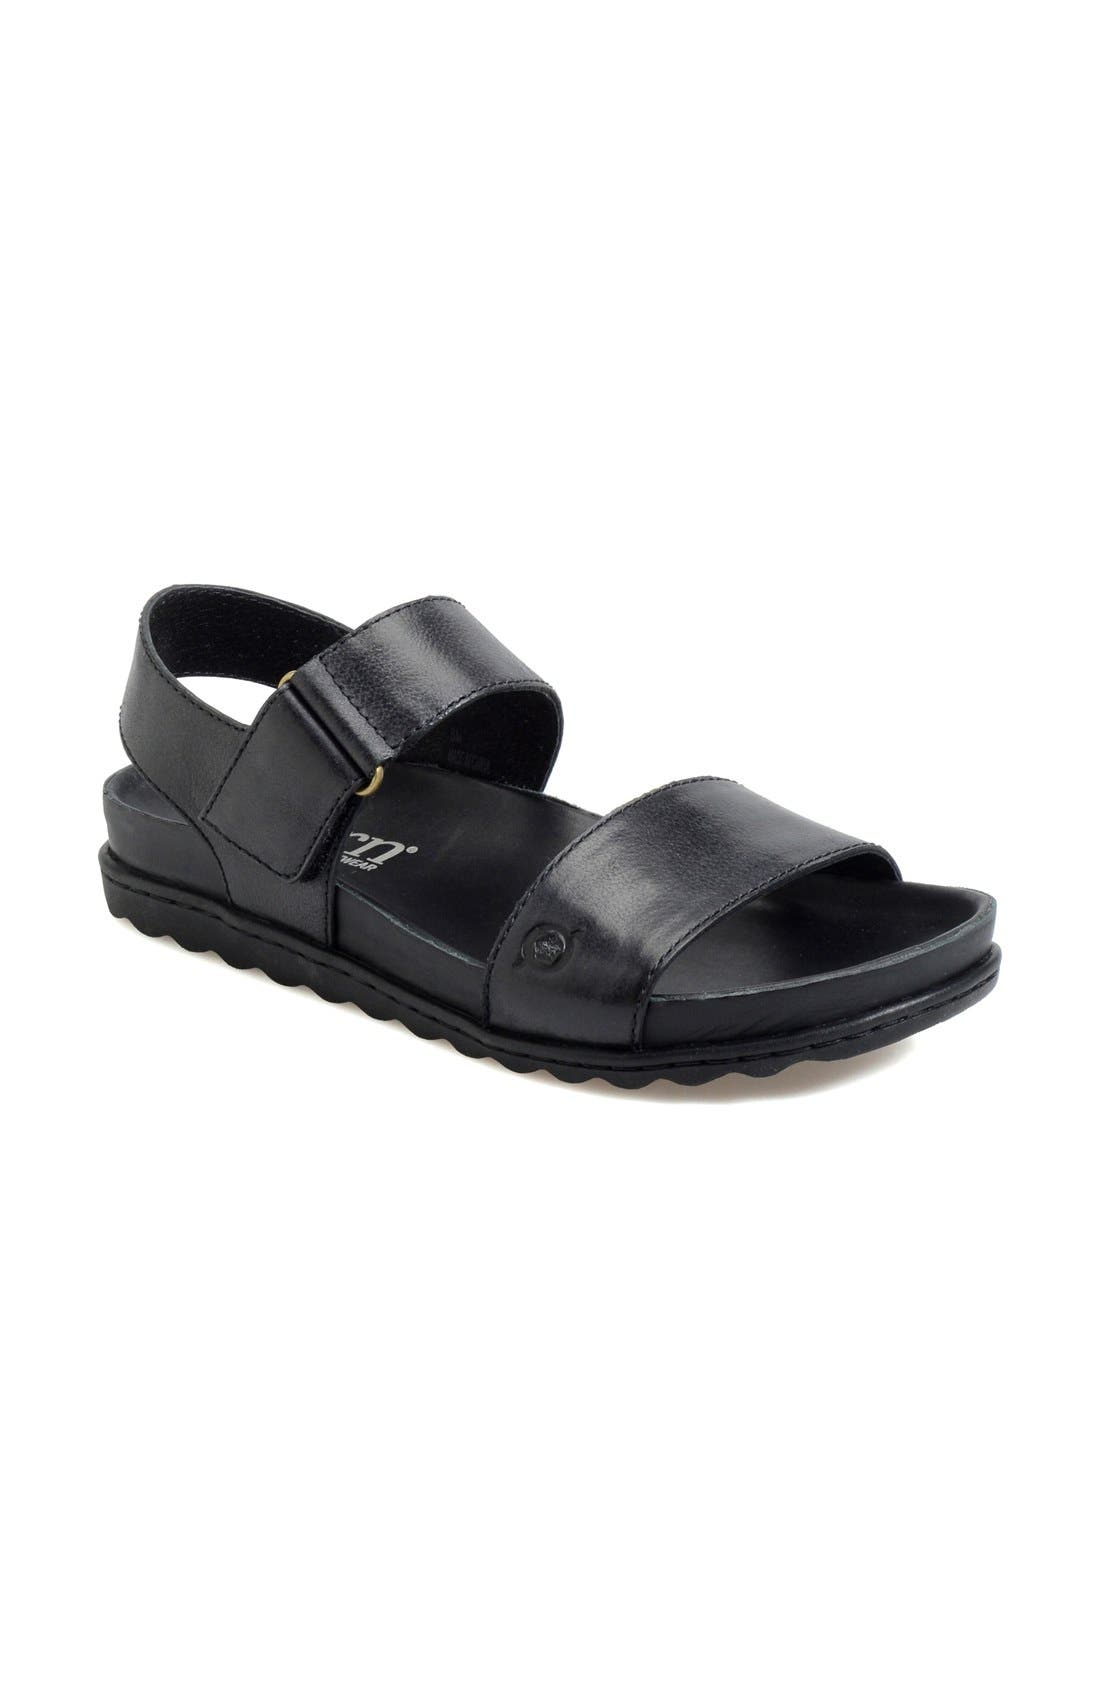 Alternate Image 1 Selected - Børn 'Mardel' Leather Sandal (Women)